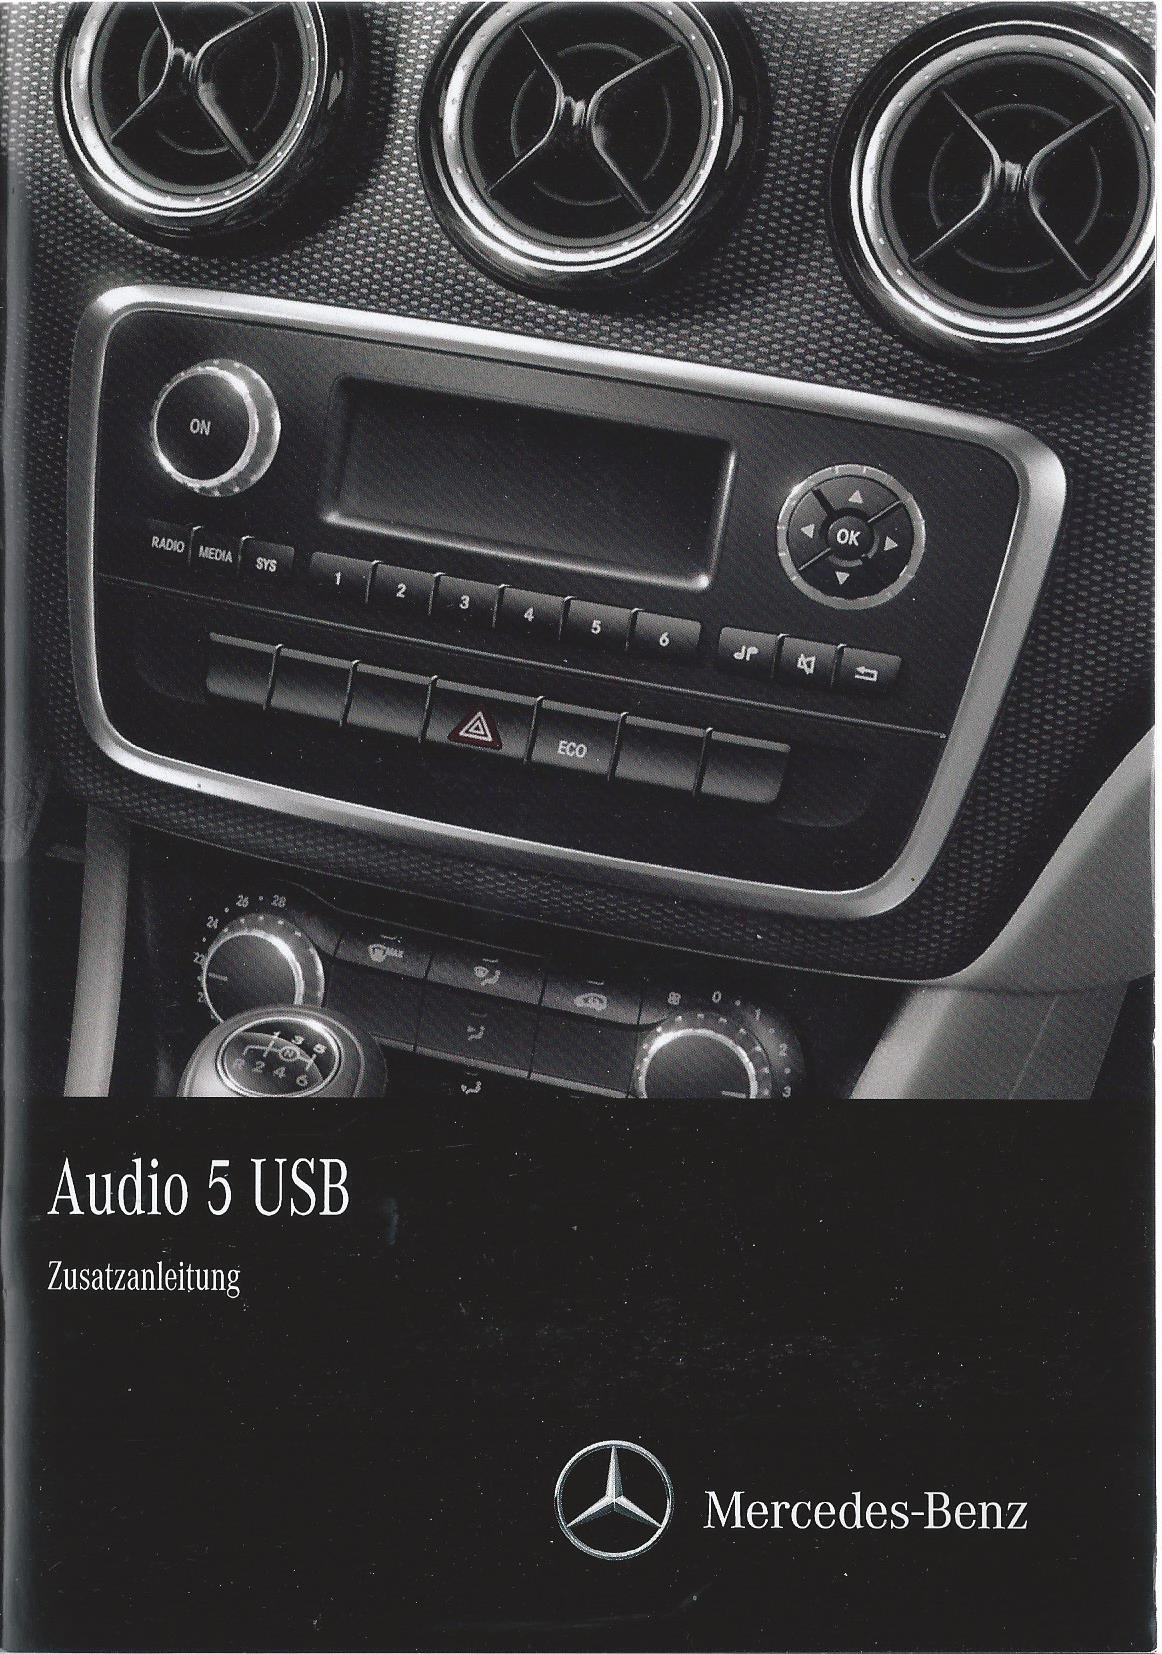 mercedes audio 5 usb 176 bedienungsanleitung 2014 handbuch. Black Bedroom Furniture Sets. Home Design Ideas